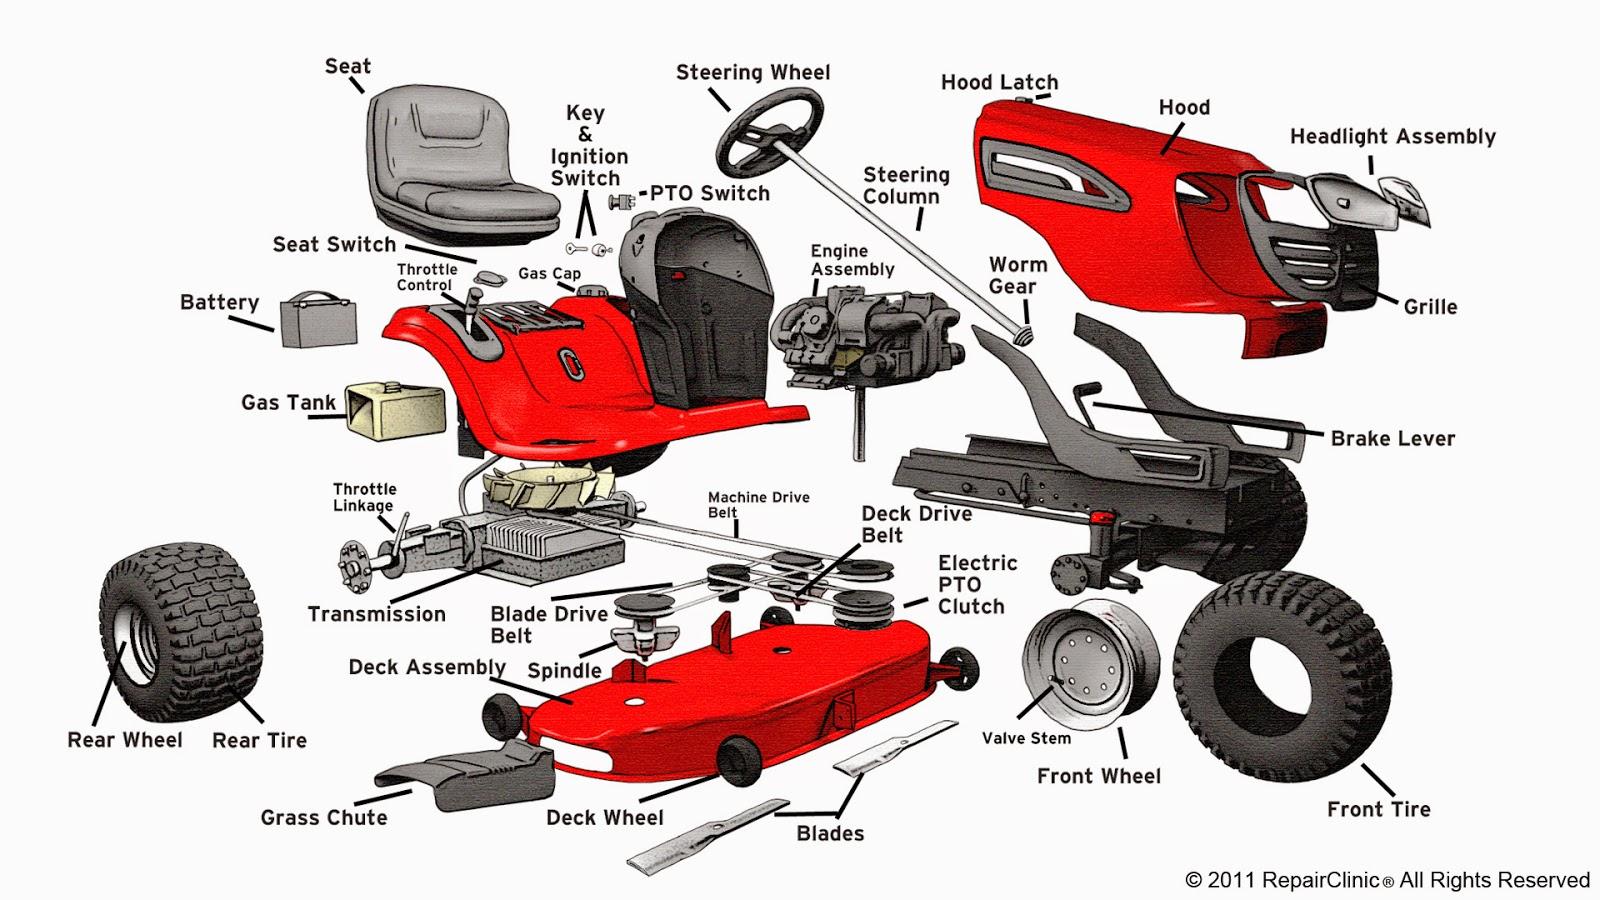 fasse valve wiring diagram